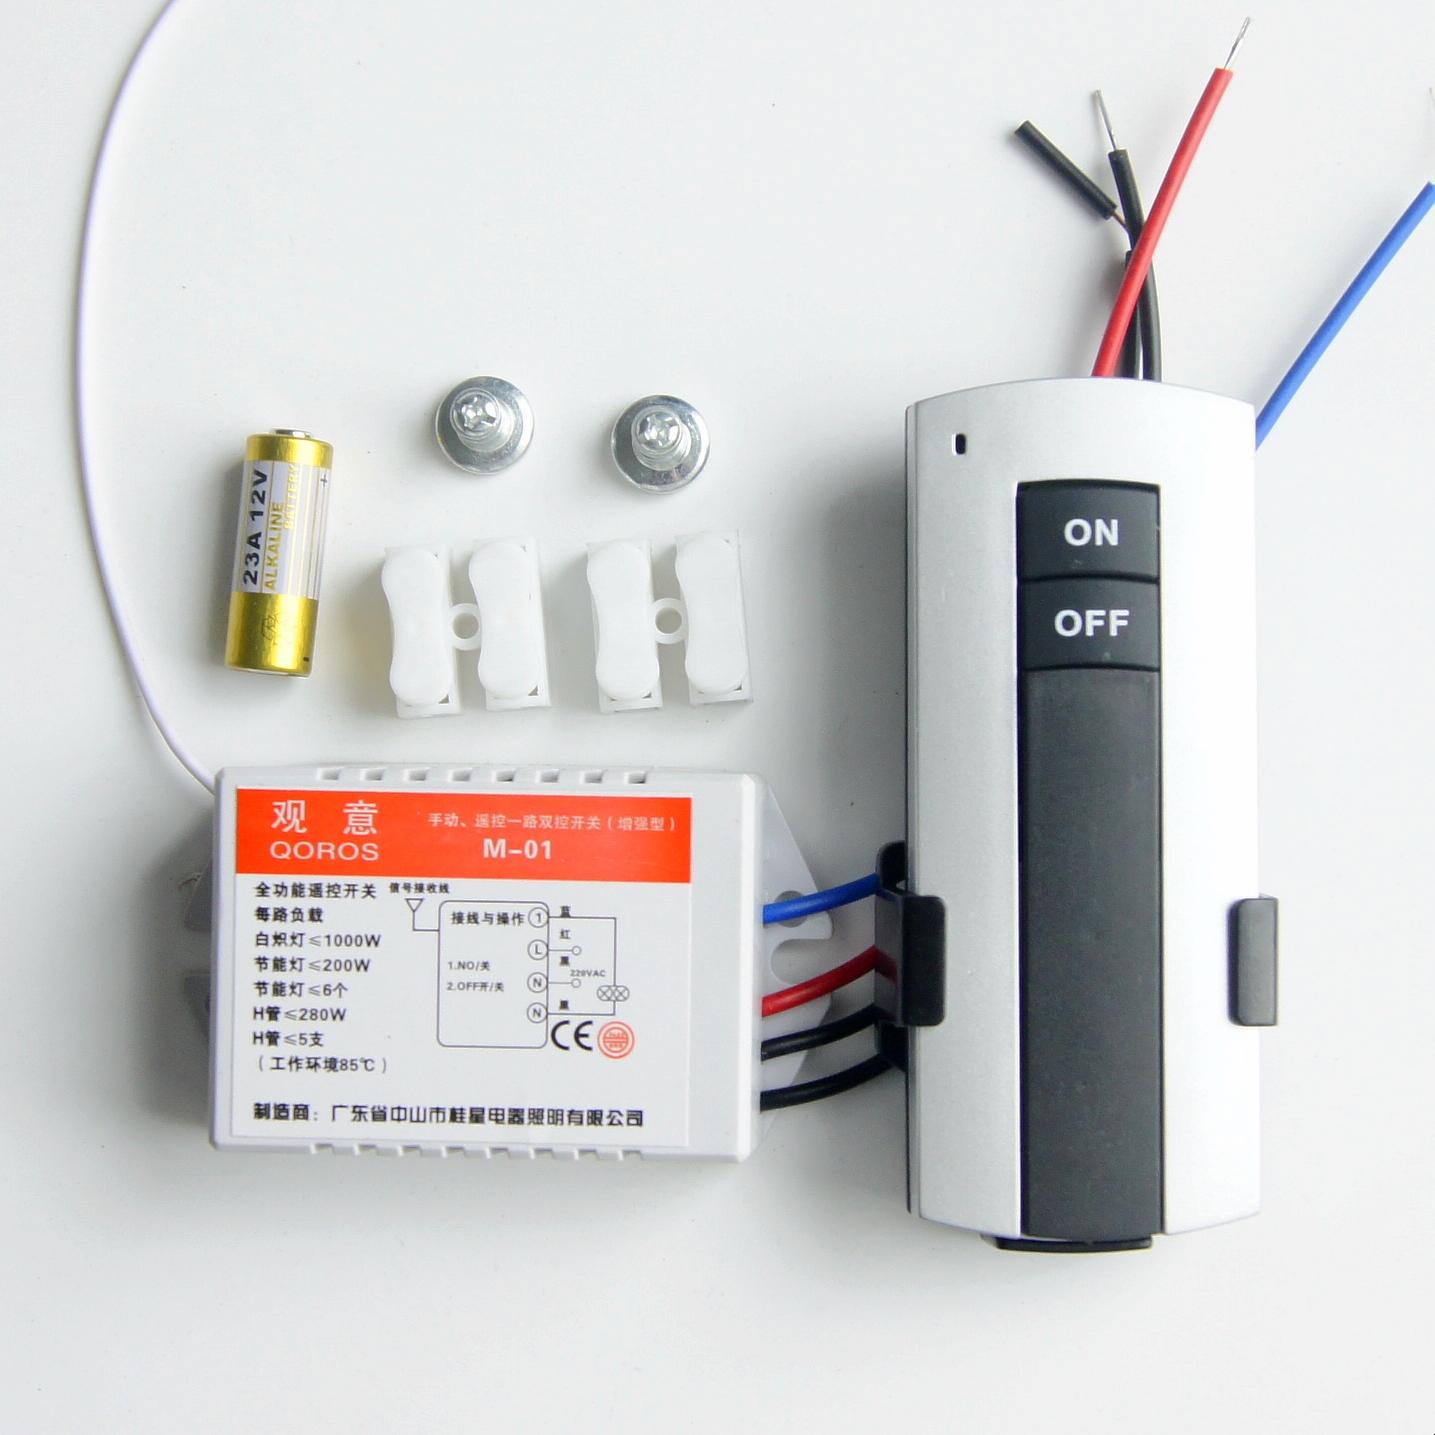 Рубильники, пакетные выключатели, кнопки. устройство, обозначение, принцип действия, схемы включения.